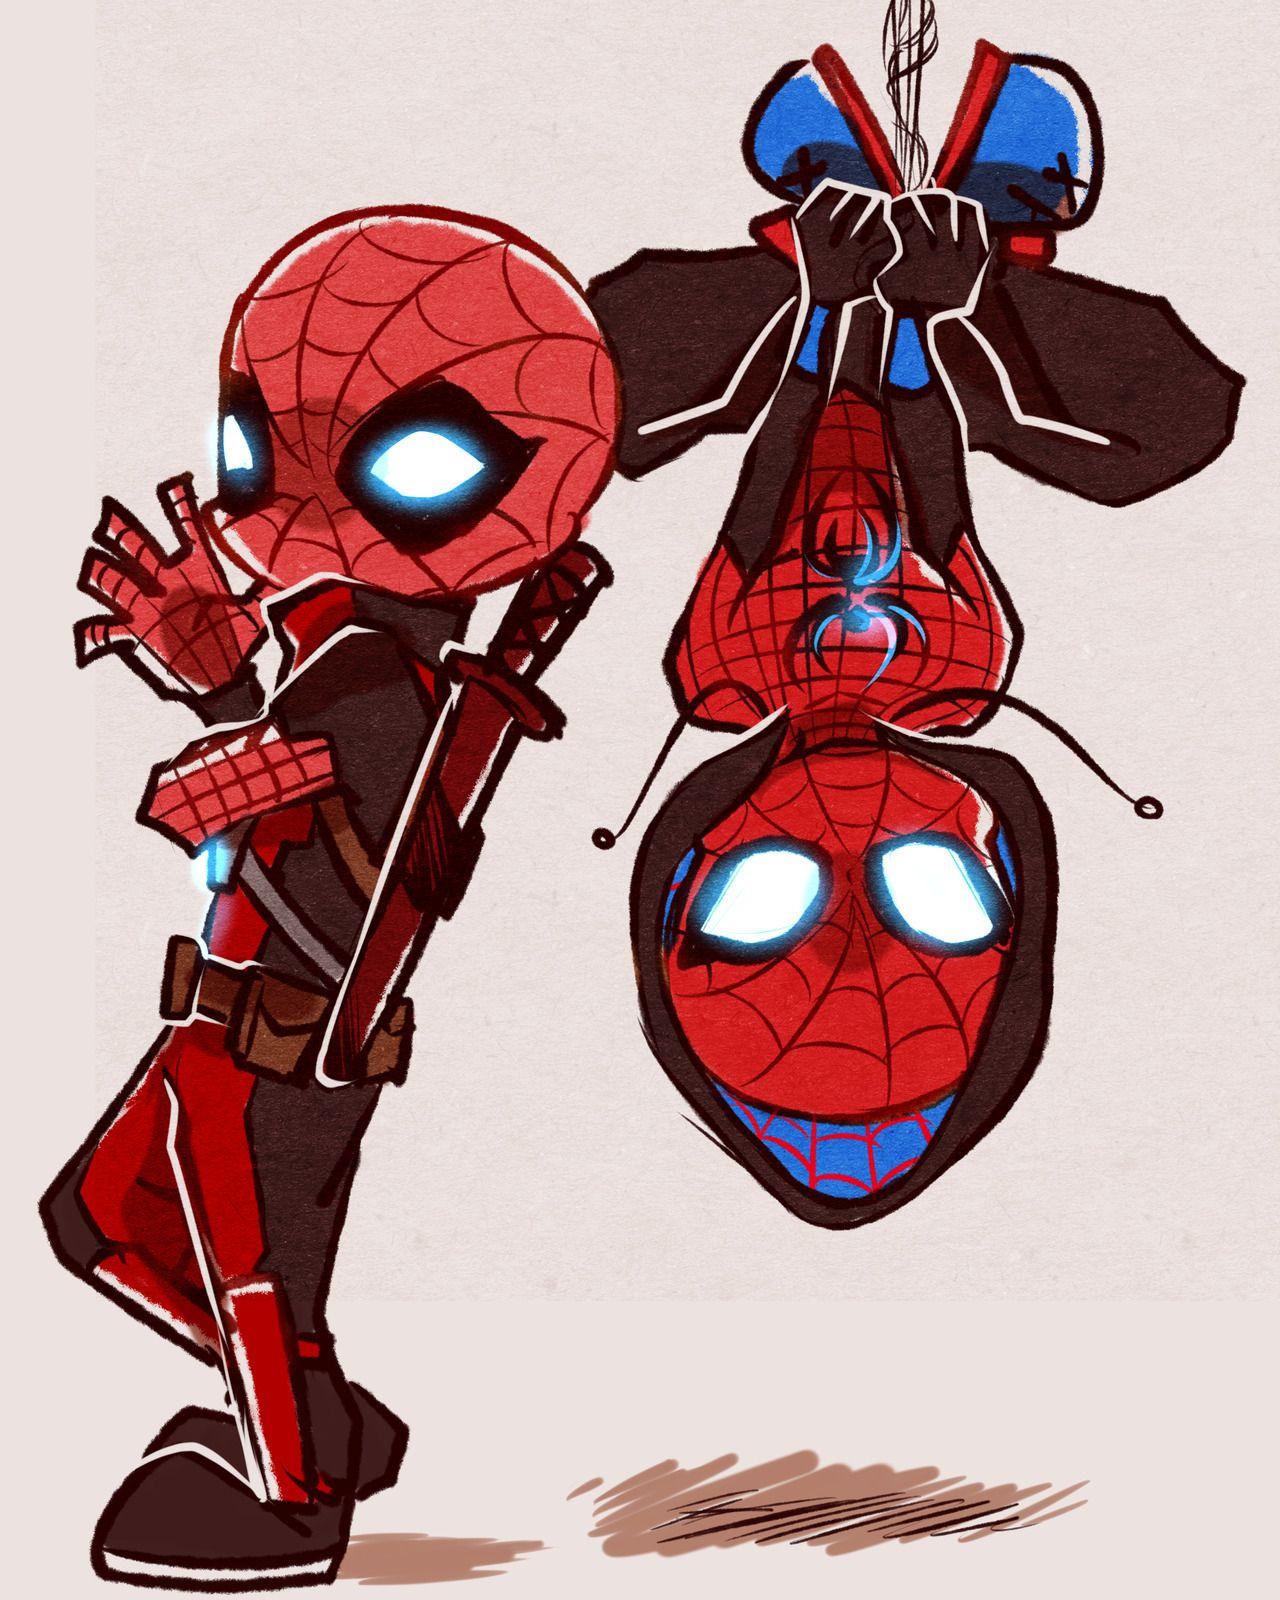 чемпионате, картинки марвел дэдпул и человек паук имеют разные